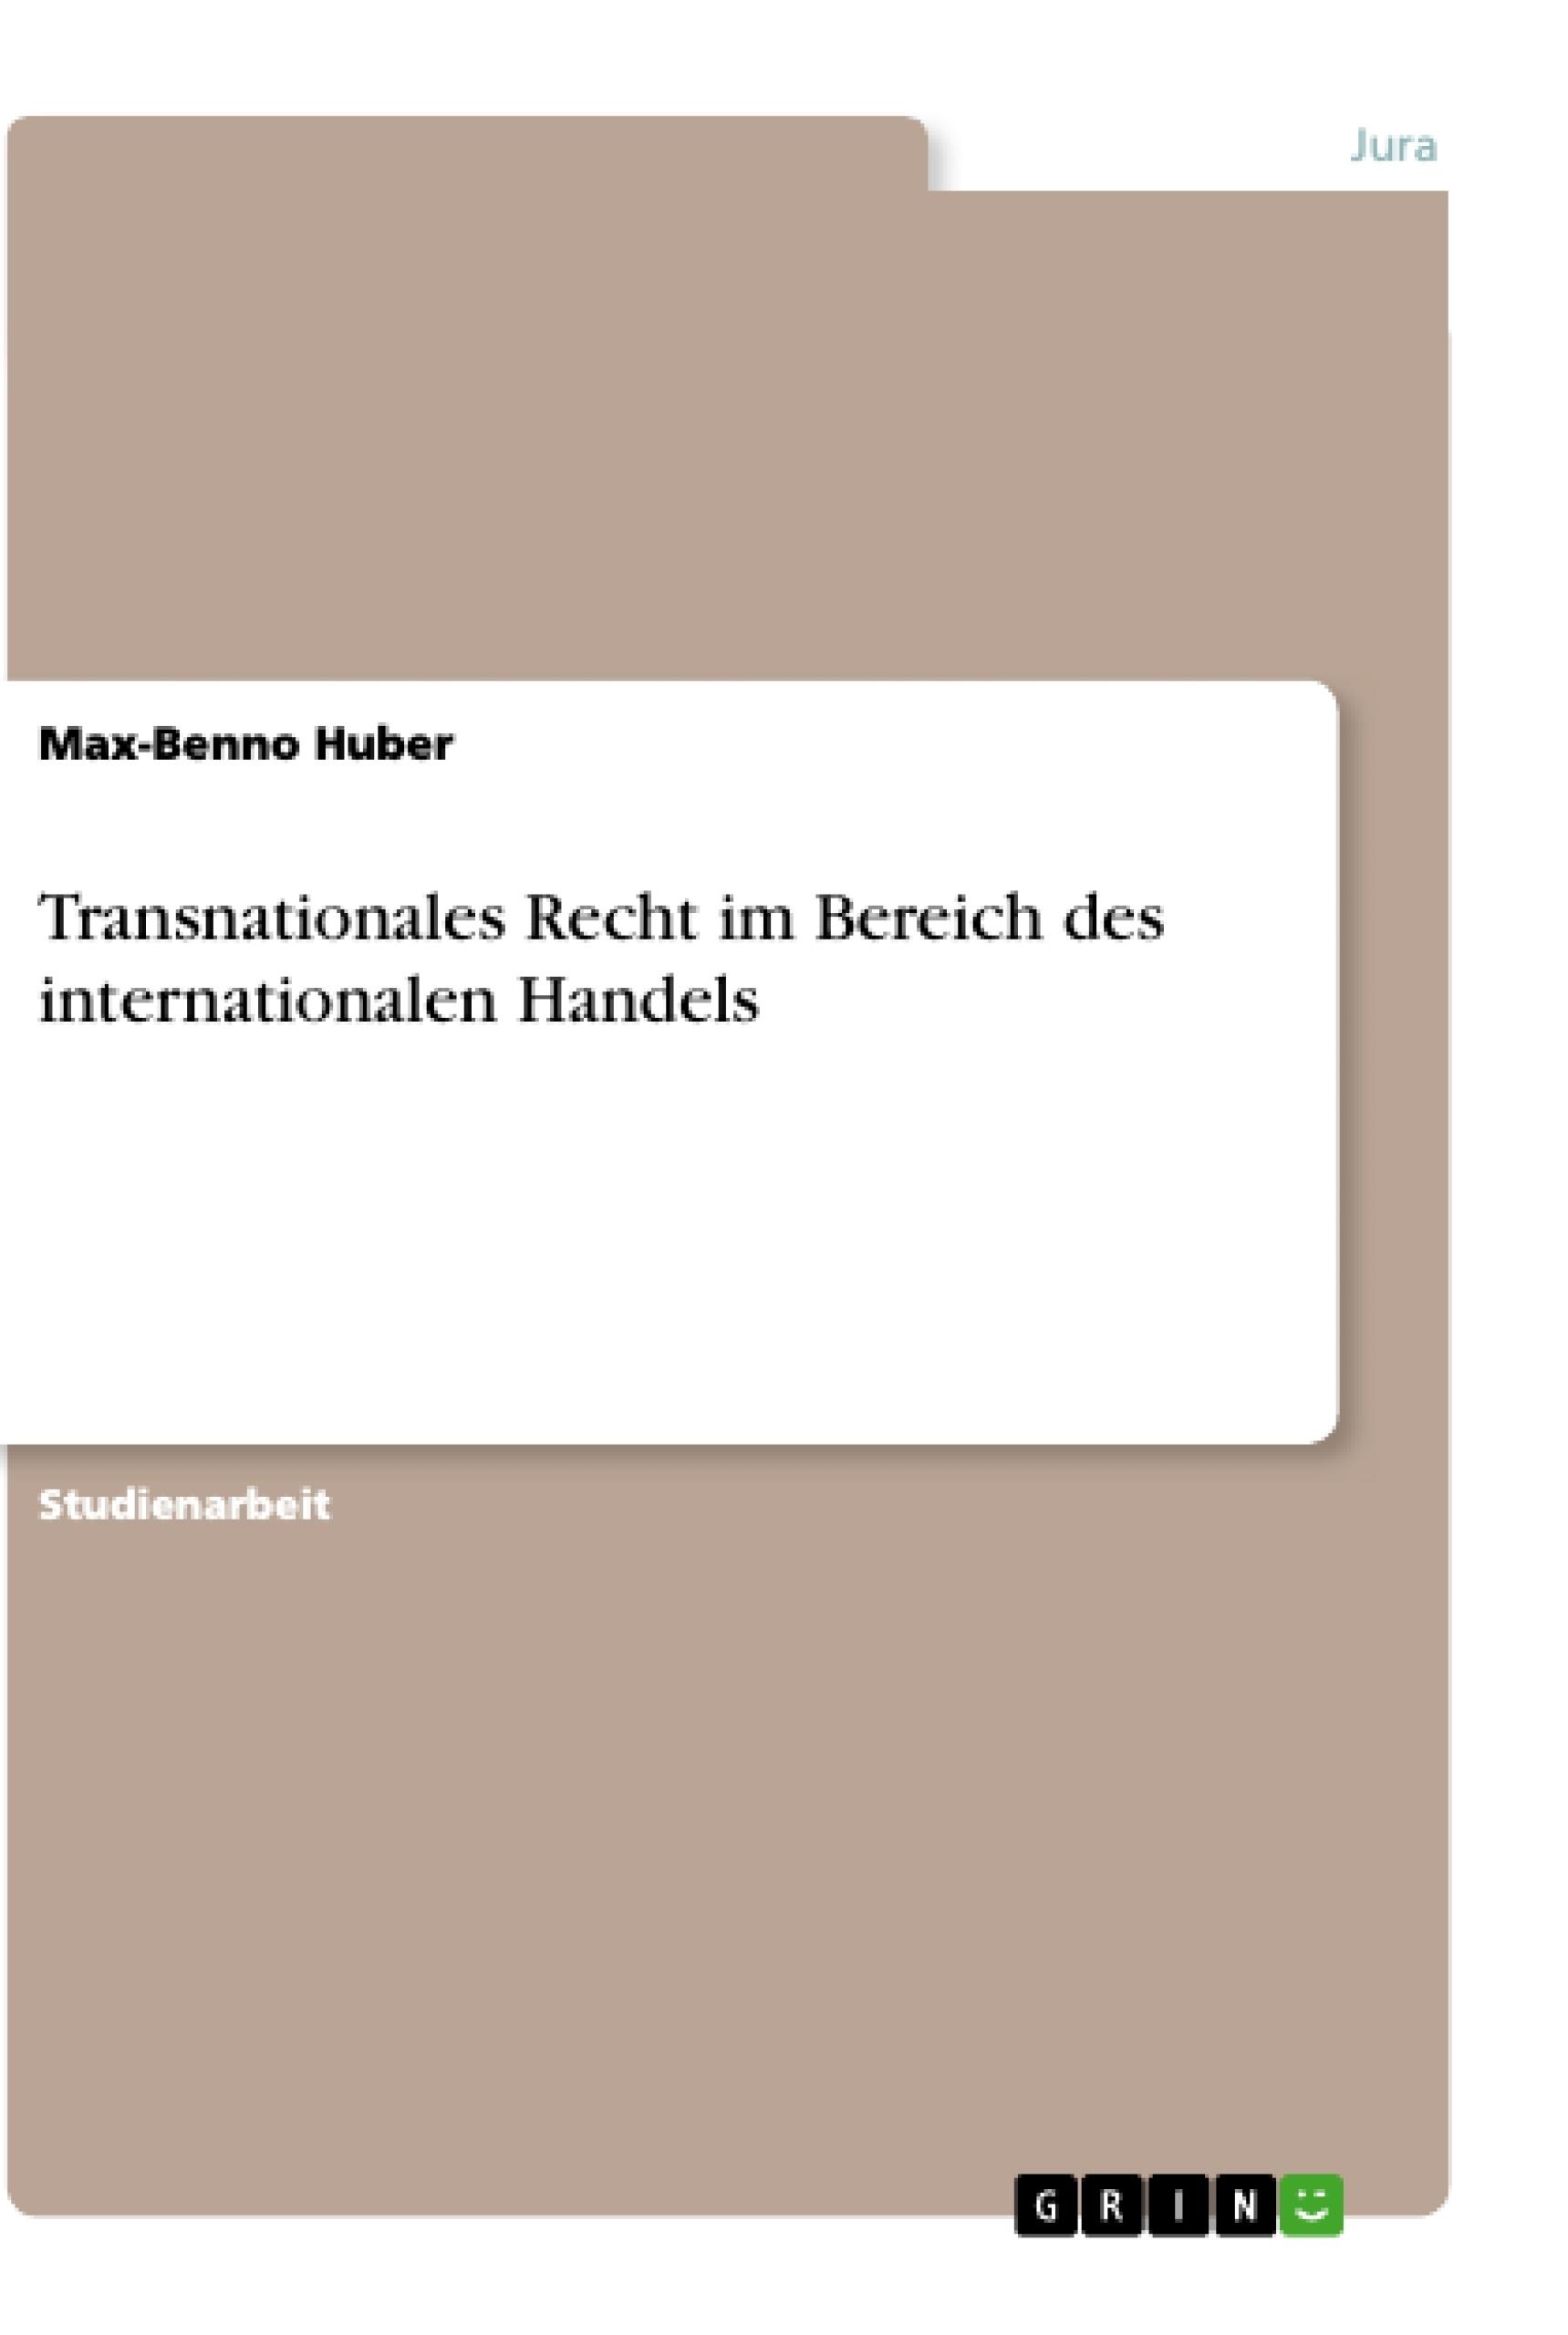 Titel: Transnationales Recht im Bereich des internationalen Handels